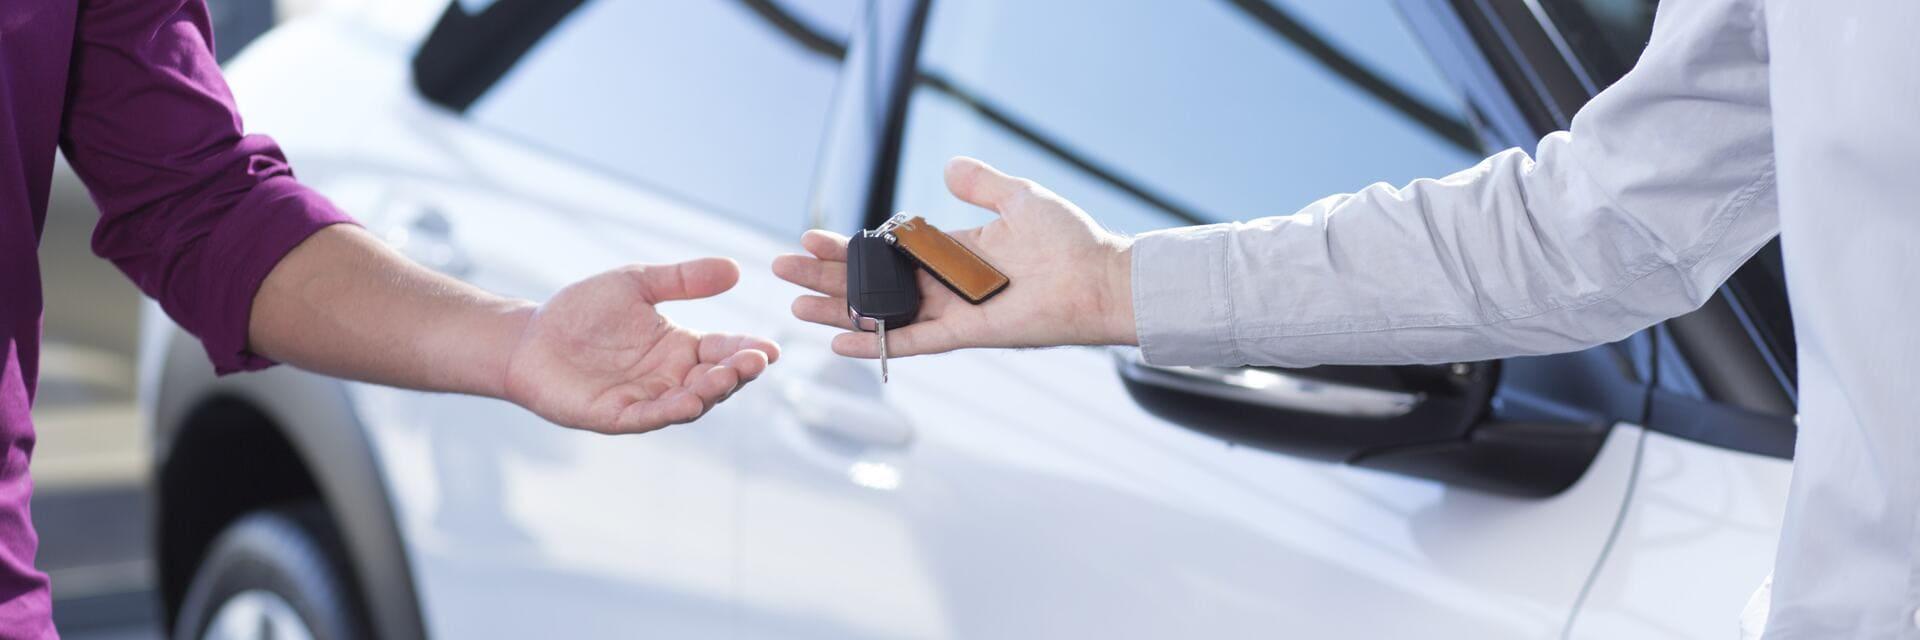 Reconfinement : comment vendre un véhicule entre particuliers ?